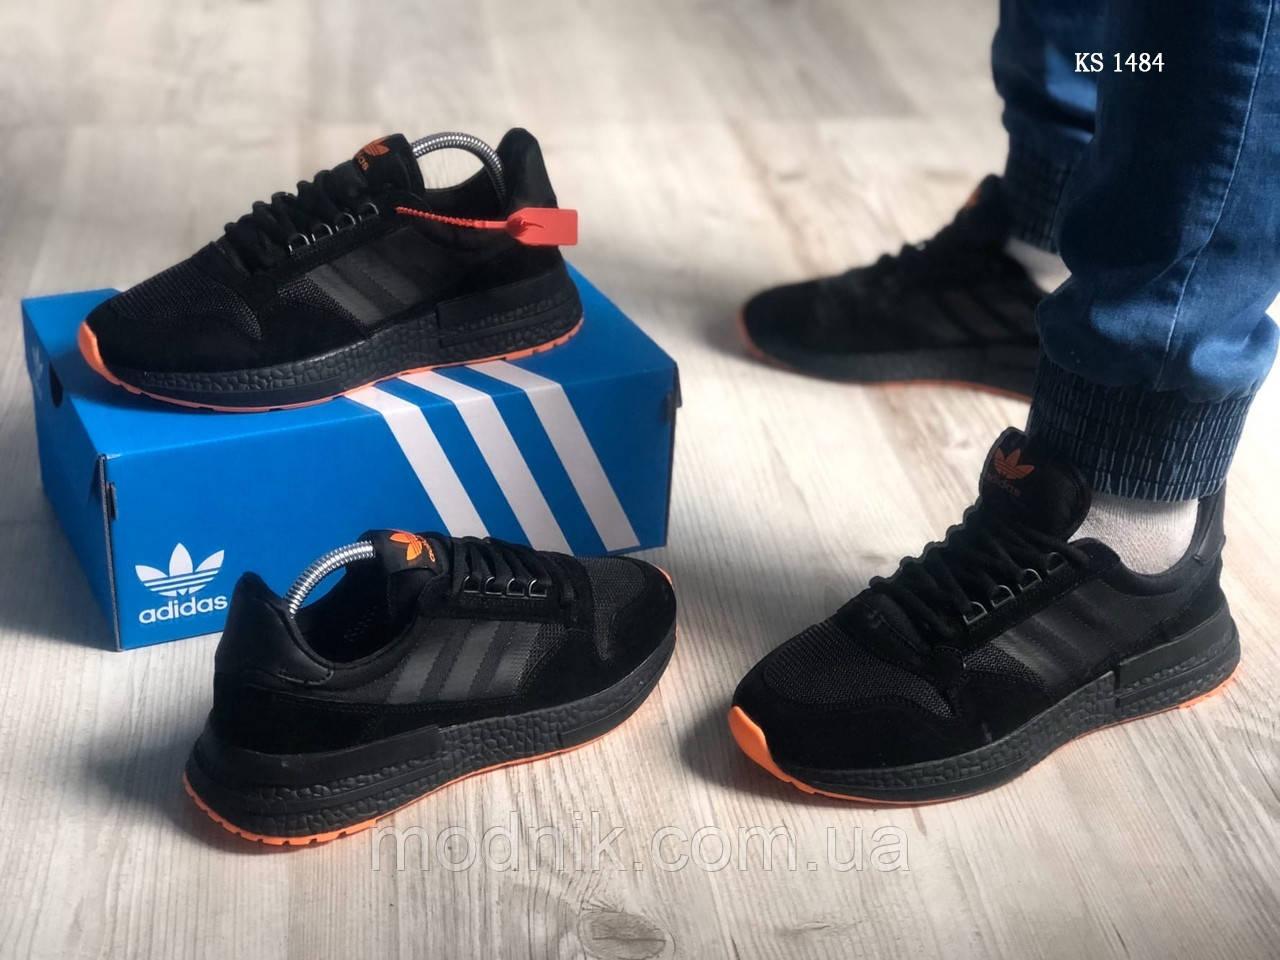 Чоловічі кросівки Adidas ZX500 RM (чорно-помаранчеві) KS 1484